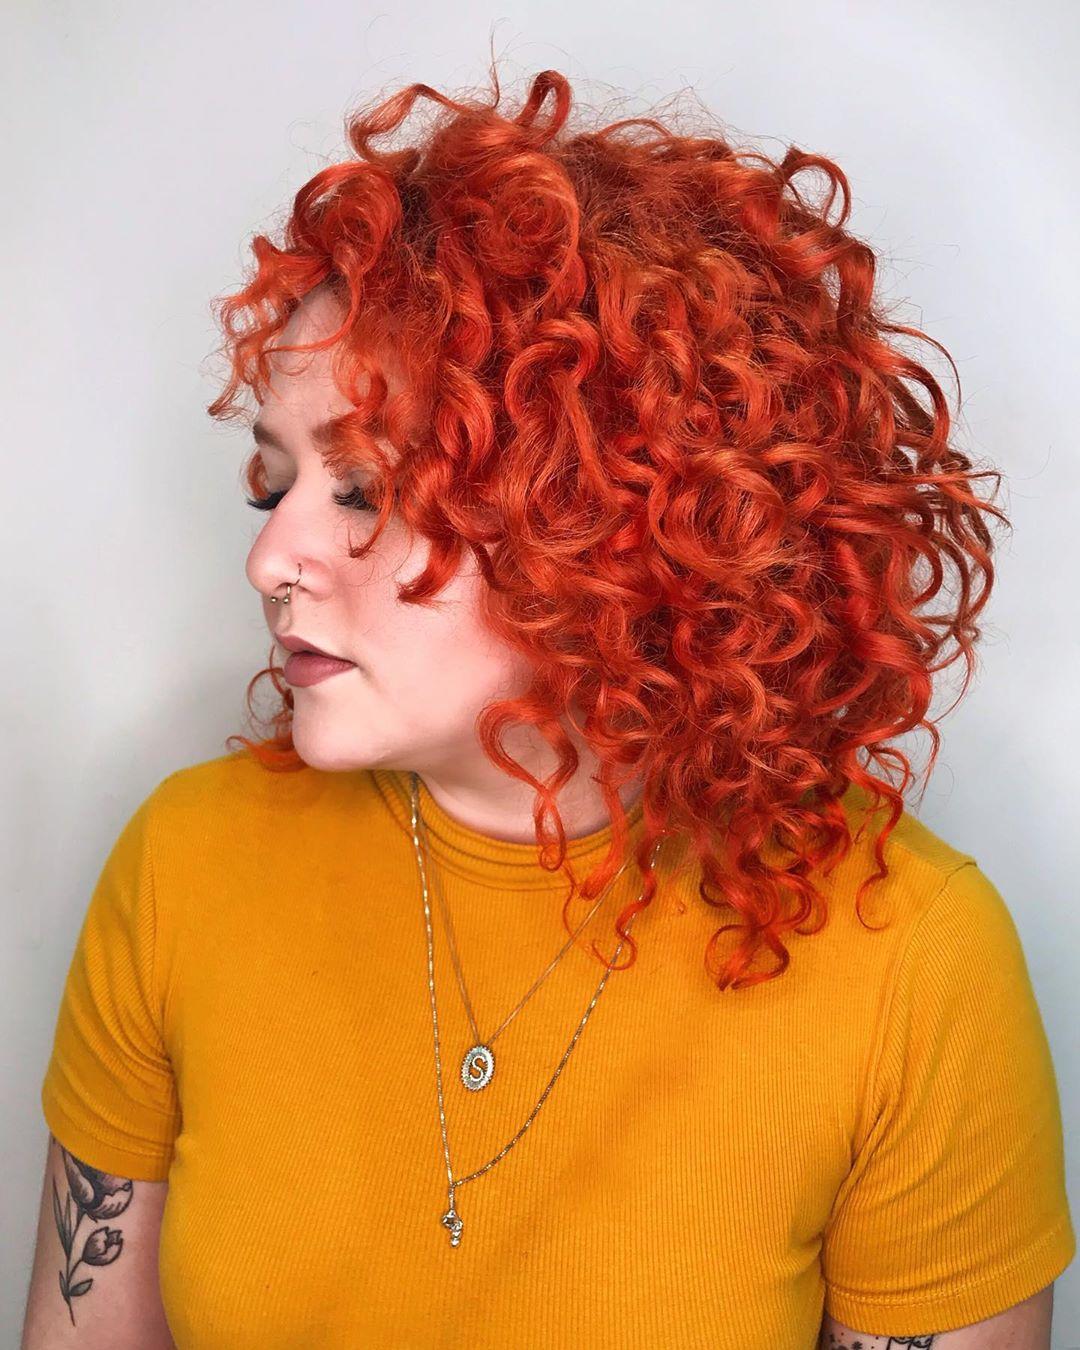 1613259555 198 20 inspiraciones consejos para colorear y como conseguir la pelirroja - 20 Inspiradores tintes rojizos, cuidados y como conseguirlos